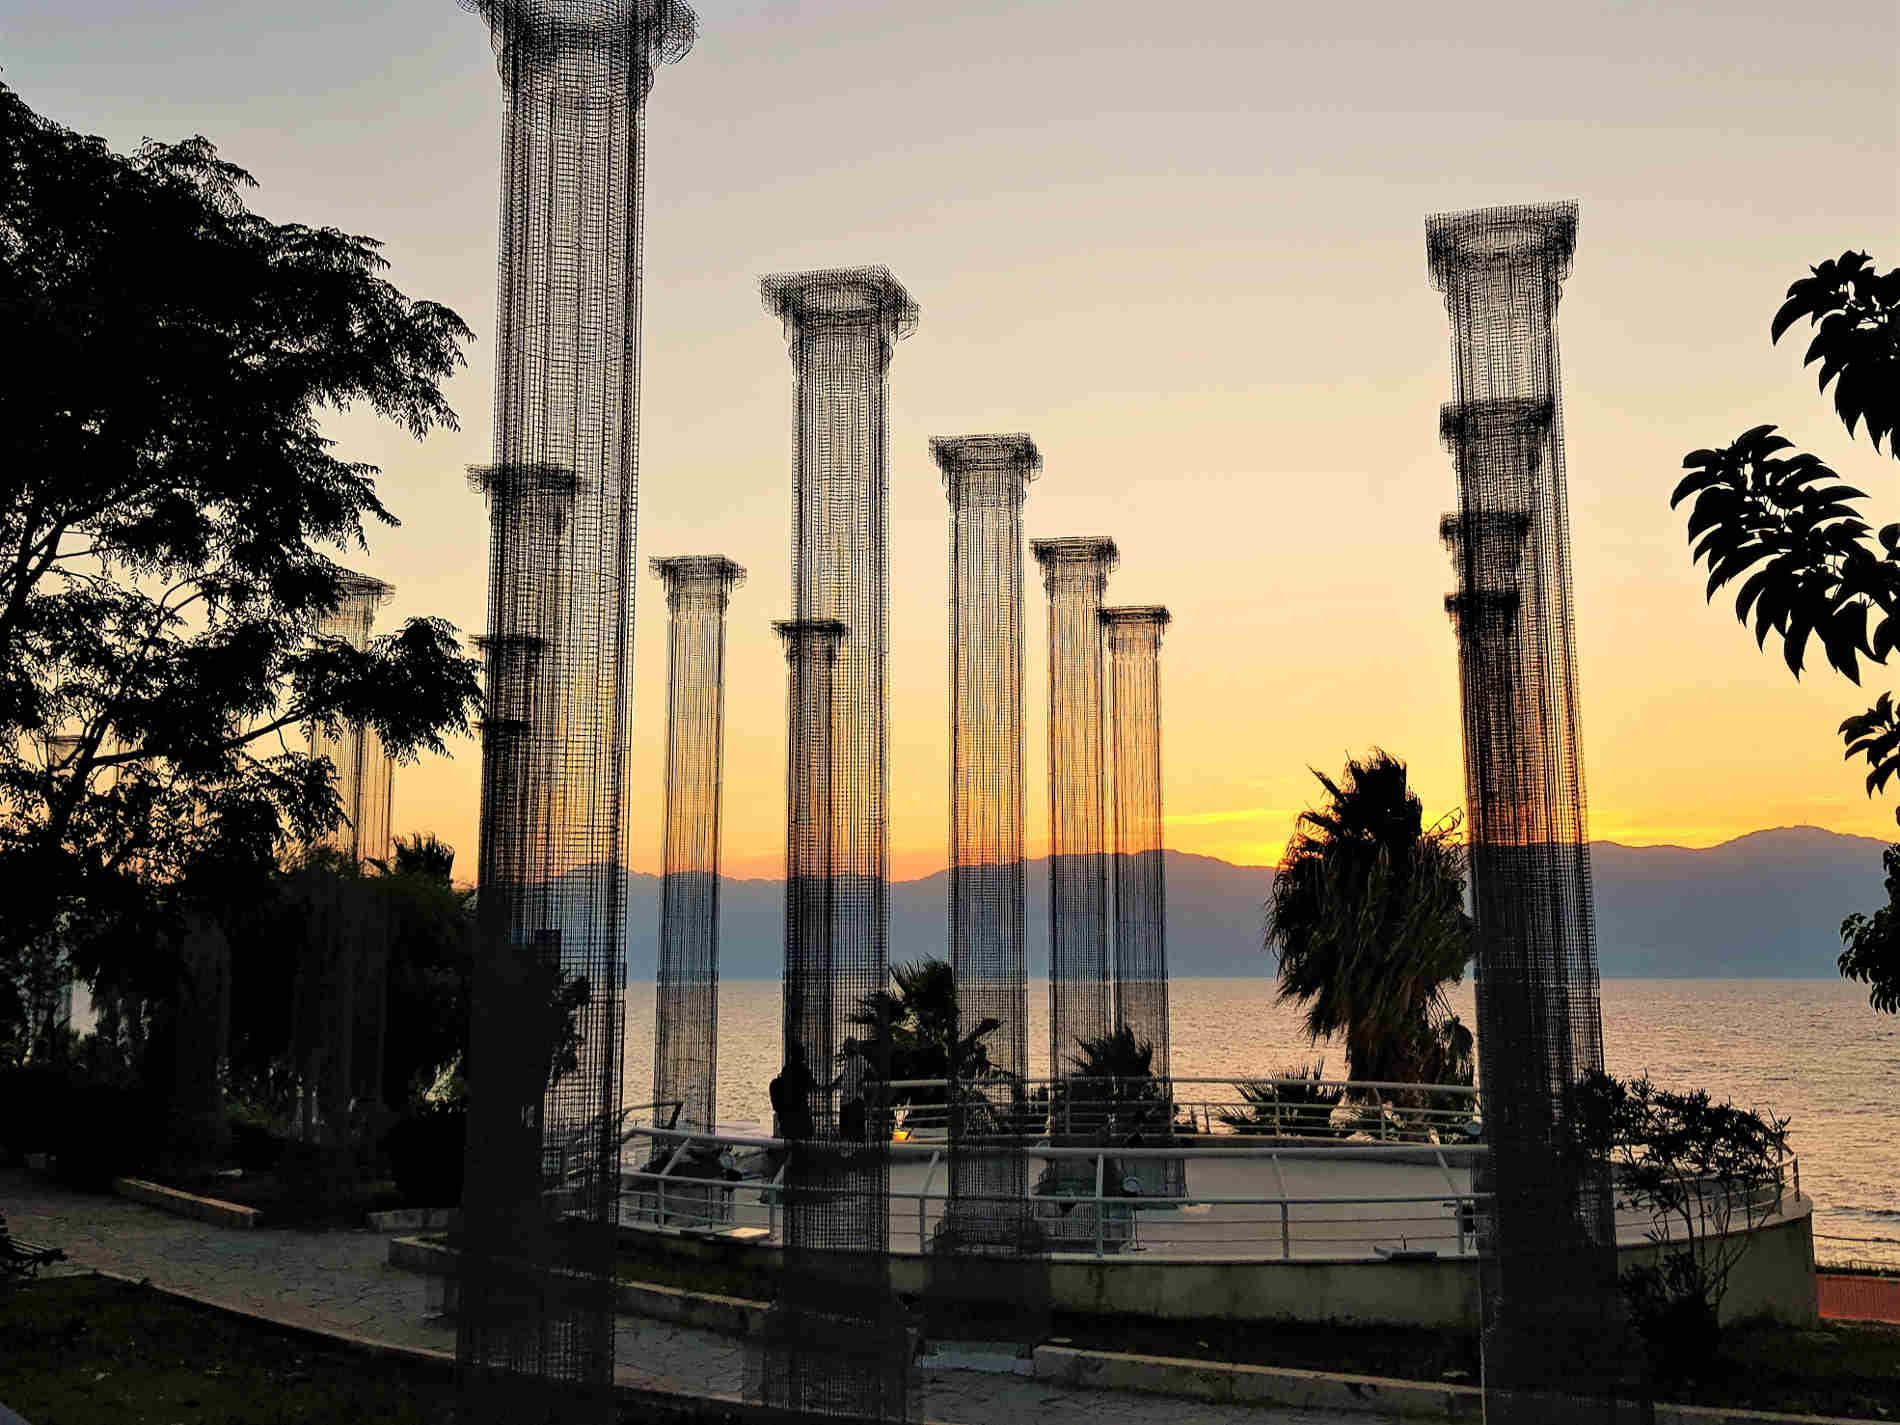 Cosa vedere sul Lungomare di Reggio Calabria innstallazione Opera di Edoardo Tresoldi